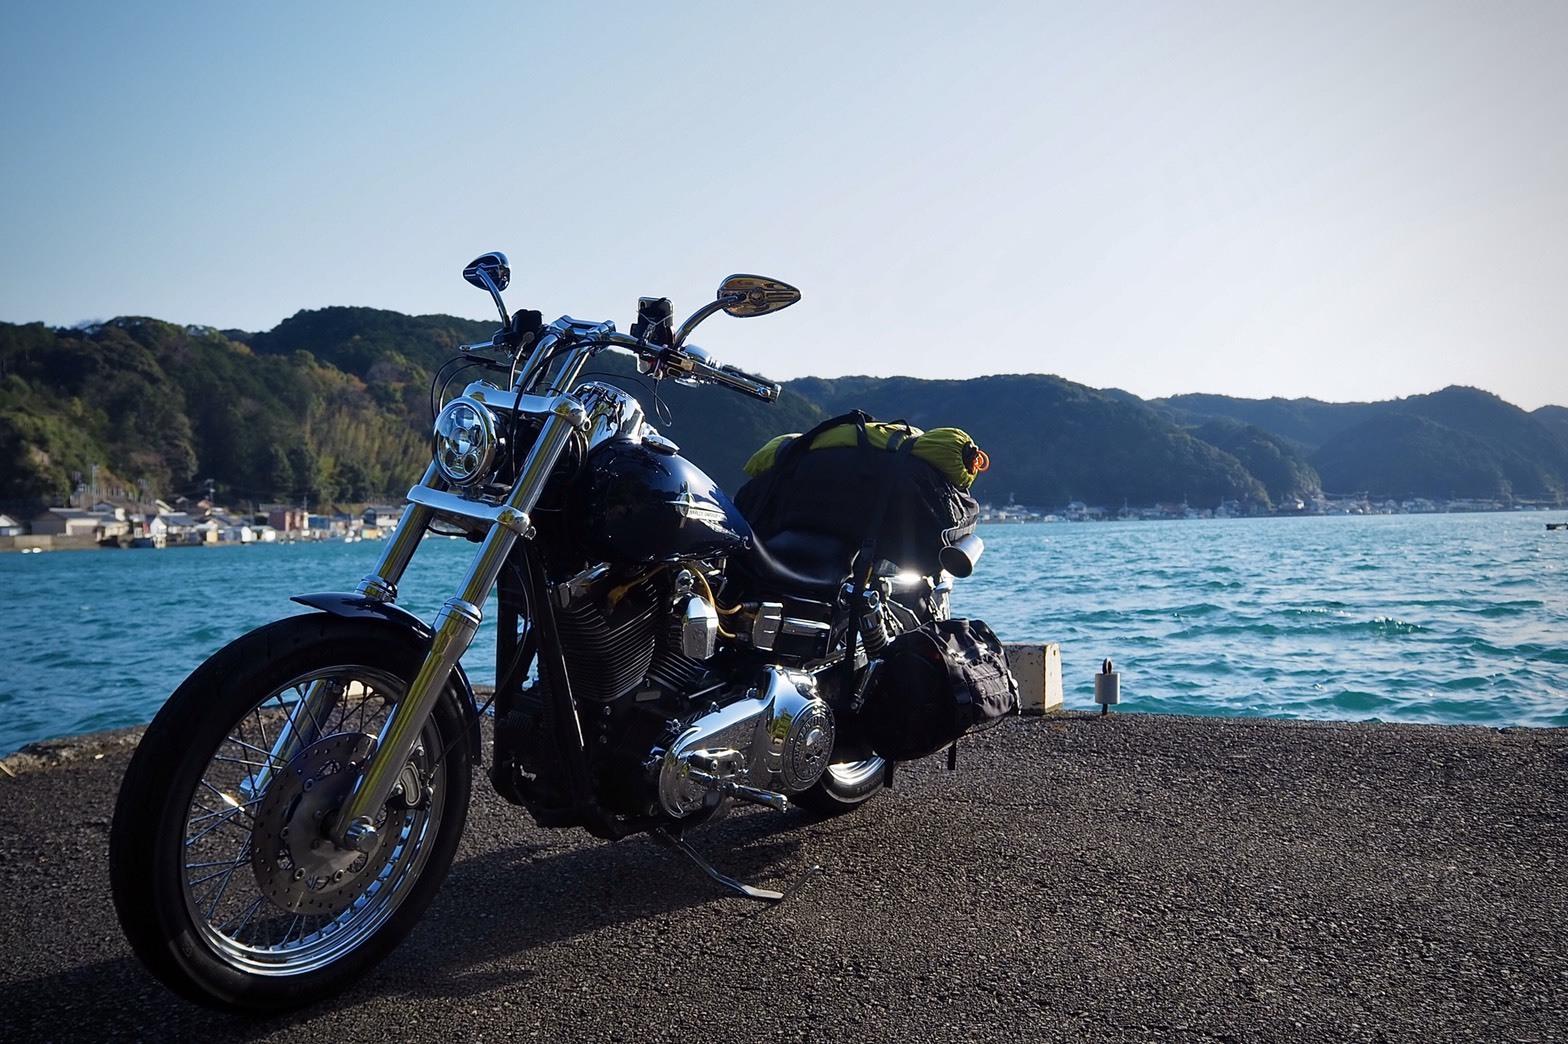 ぴーきち&ダイナ 紀伊半島ツーリング 和歌山県 海沿い